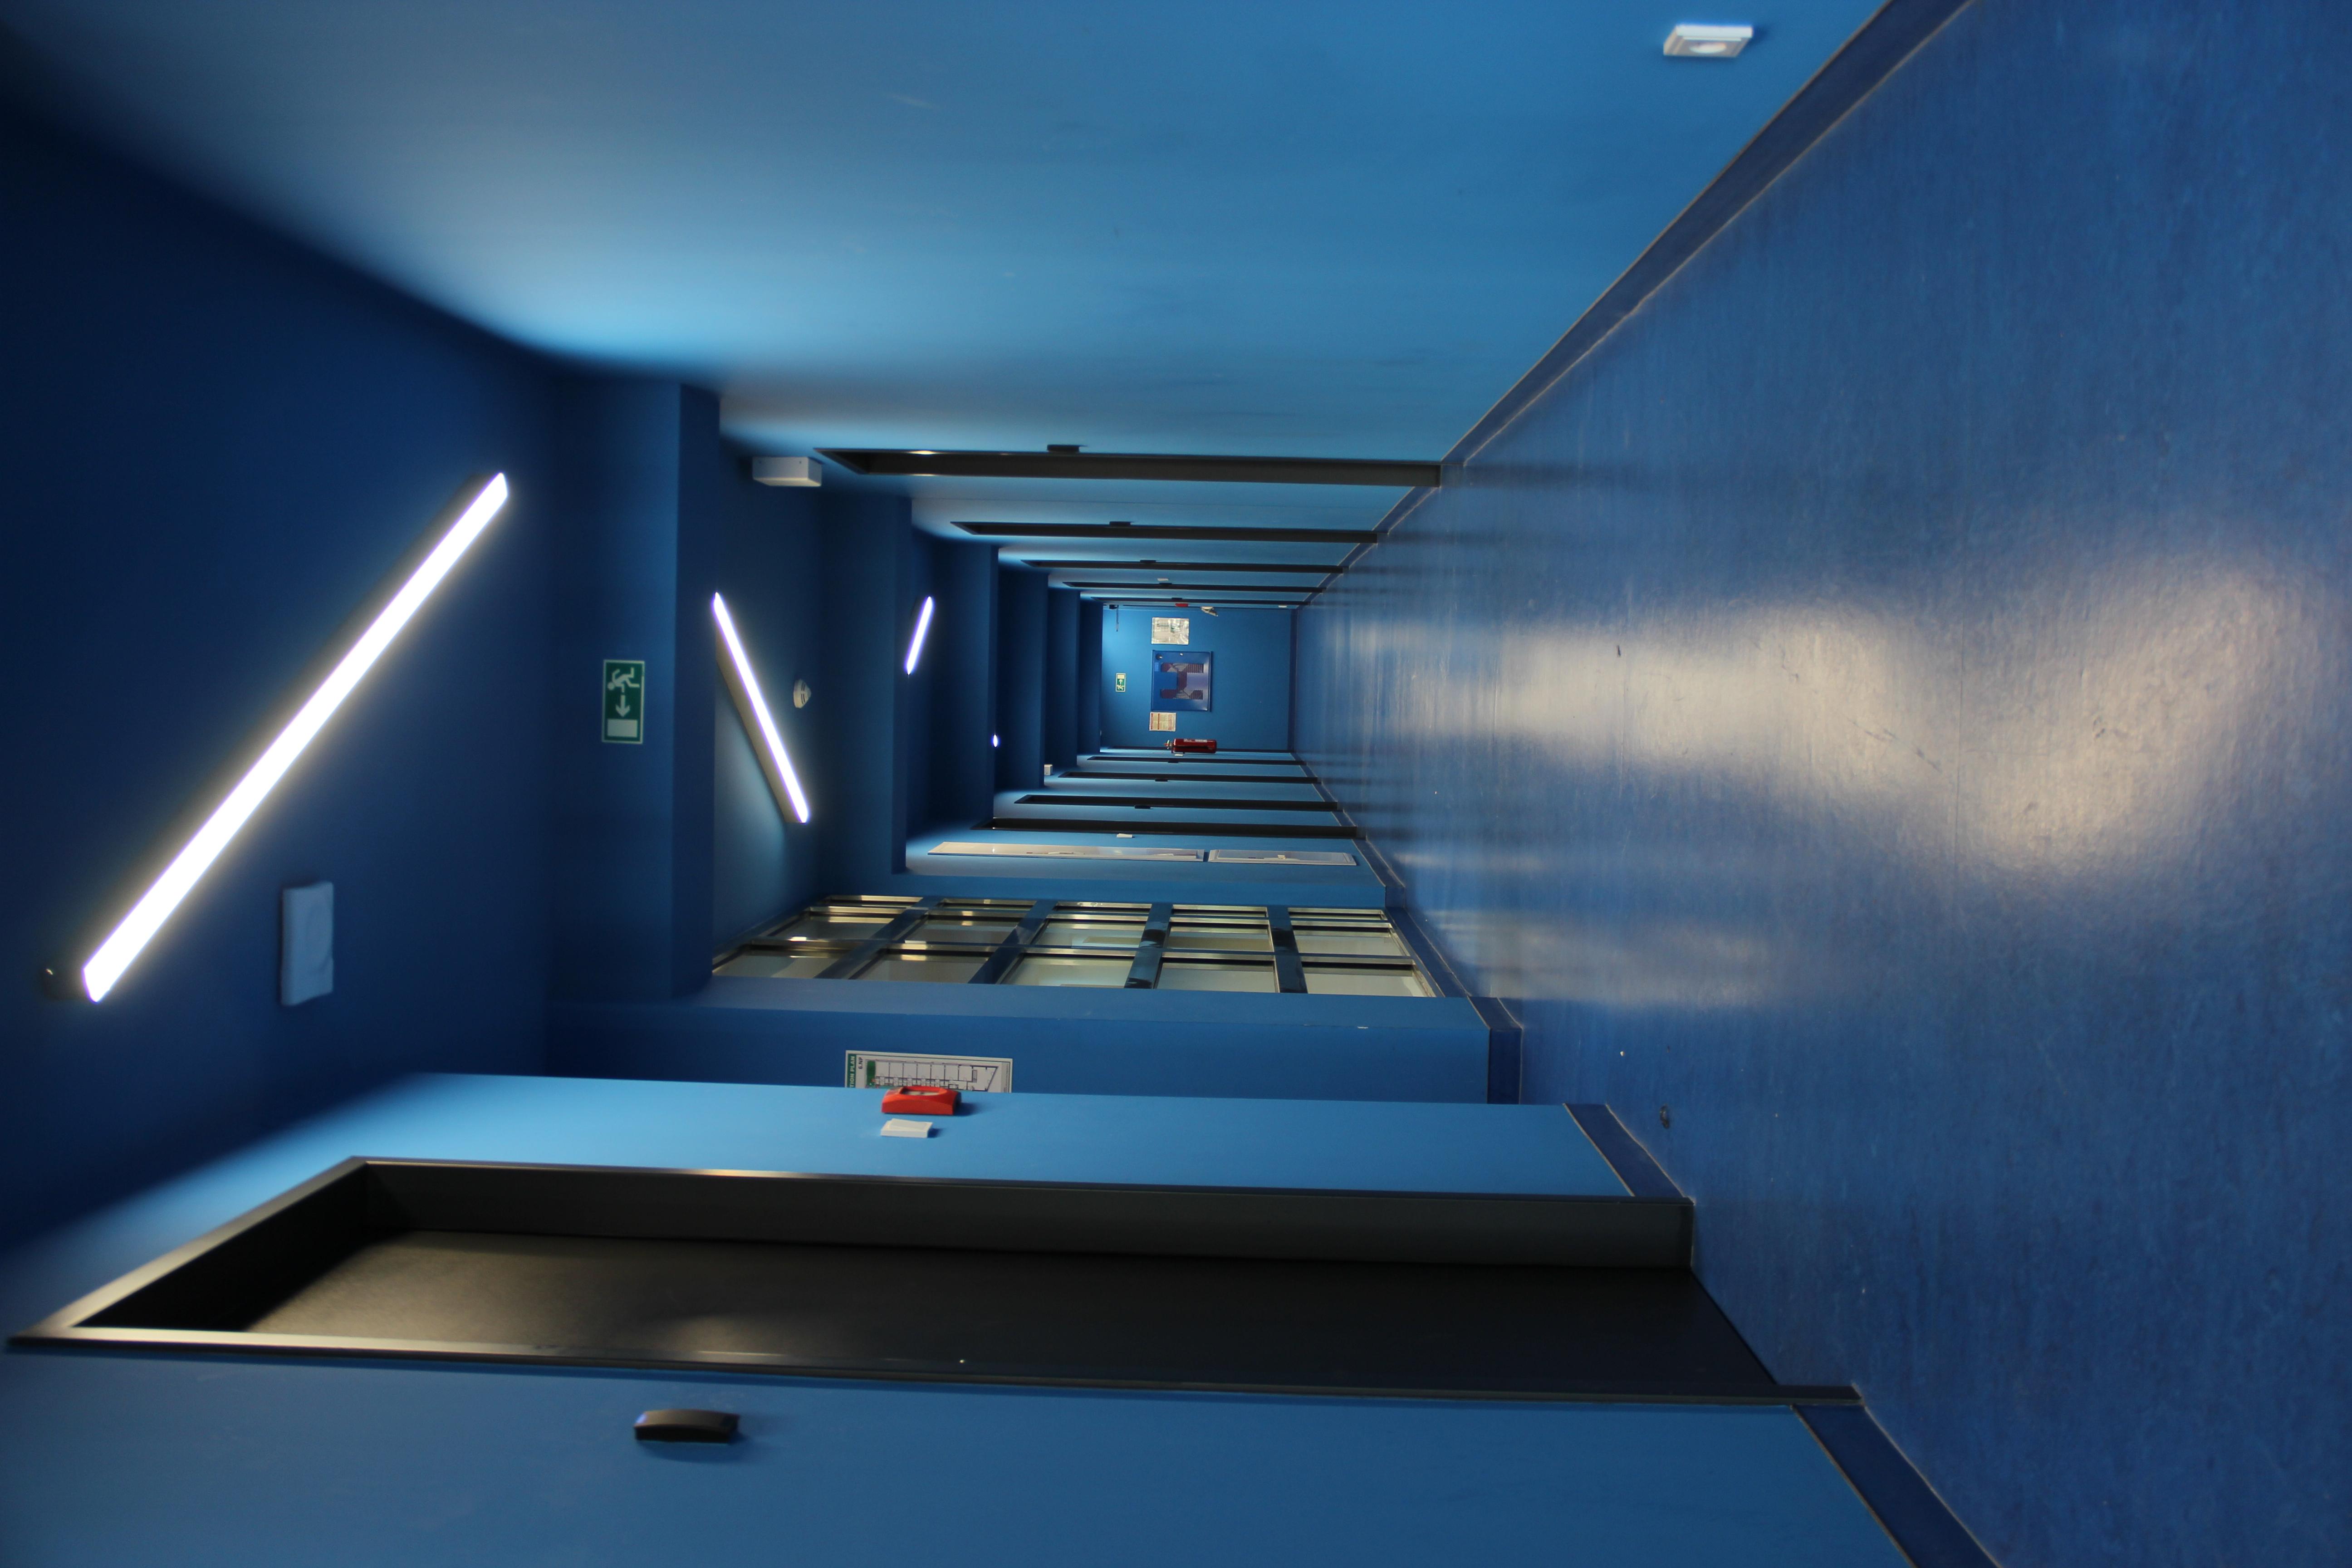 Coridor of 6 floor